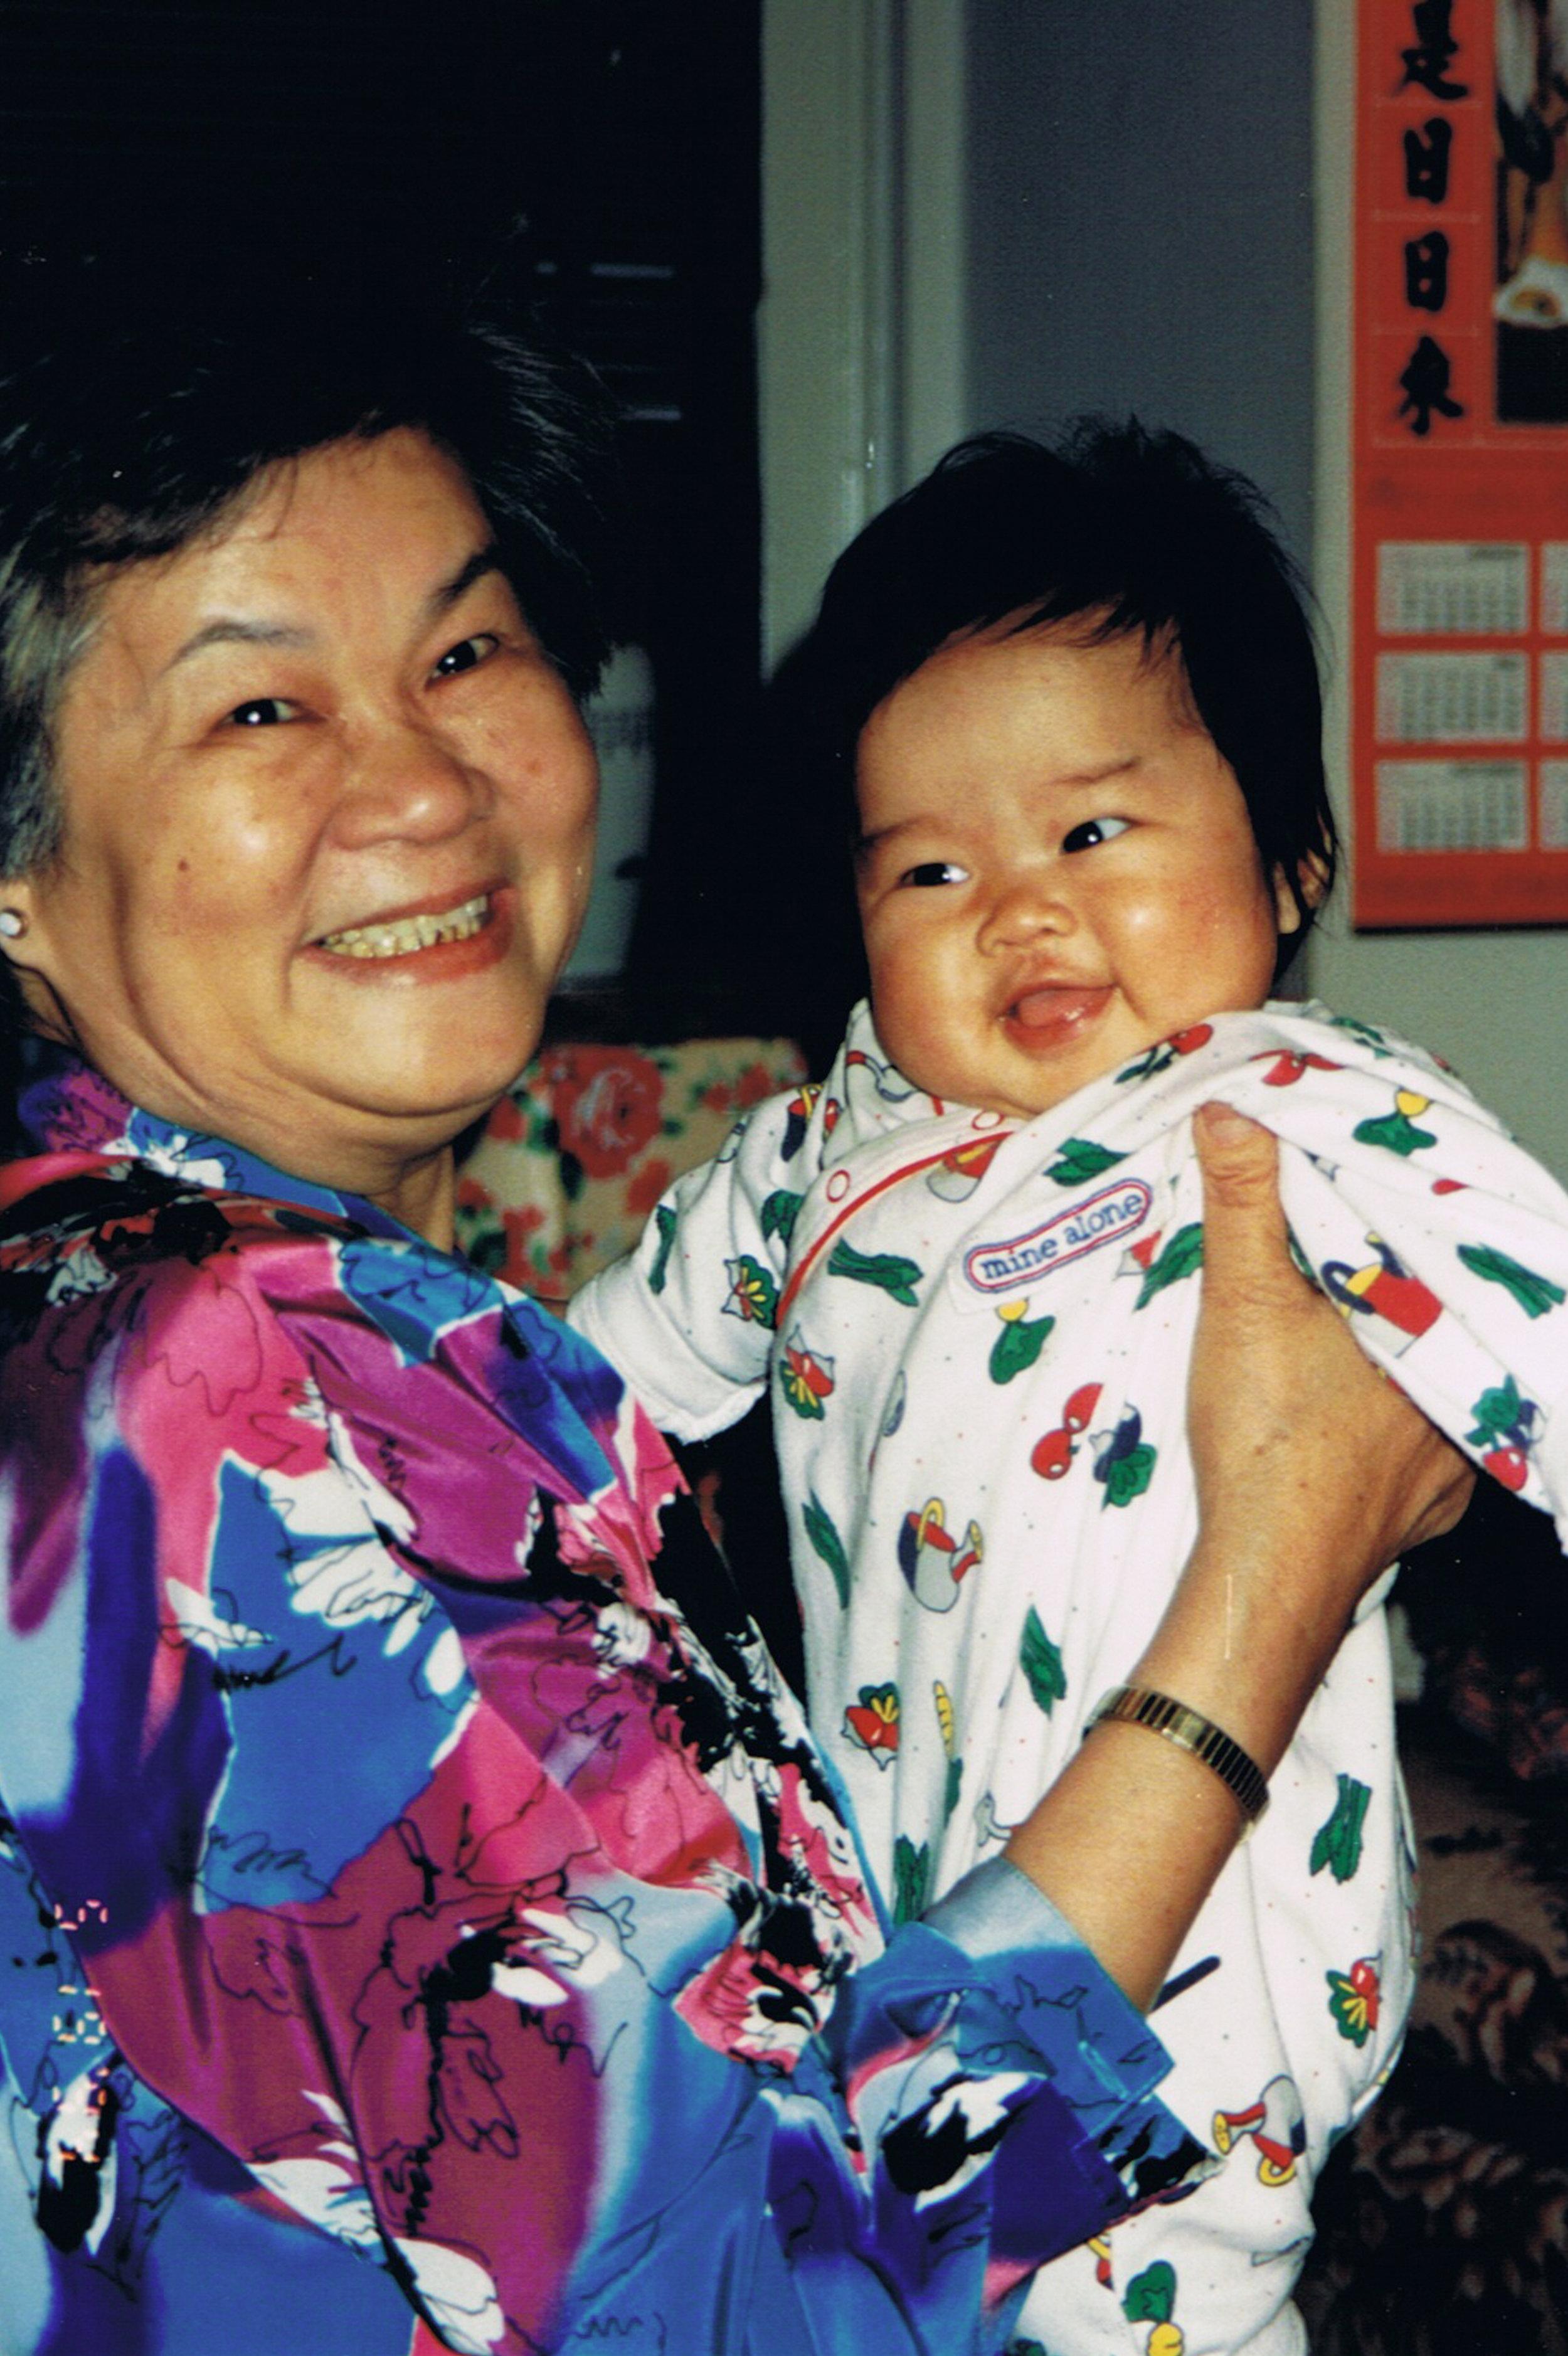 Me and Nai Nai, c.1994